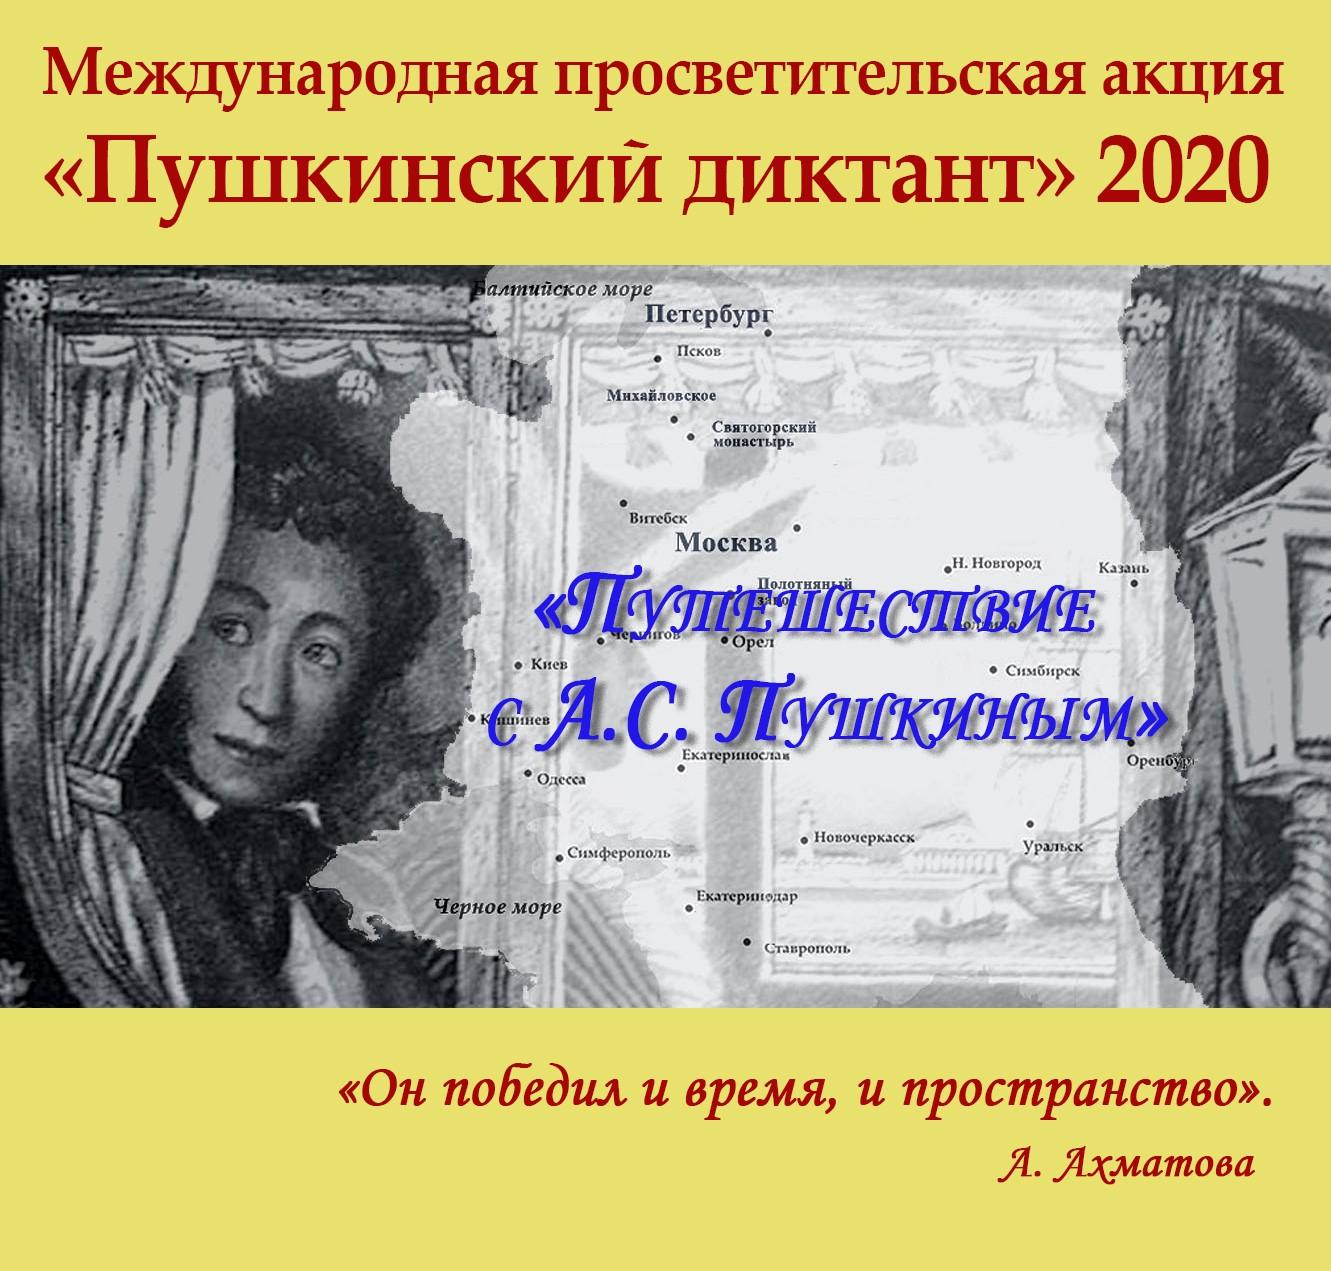 Конкурс «Пушкинский диктант»